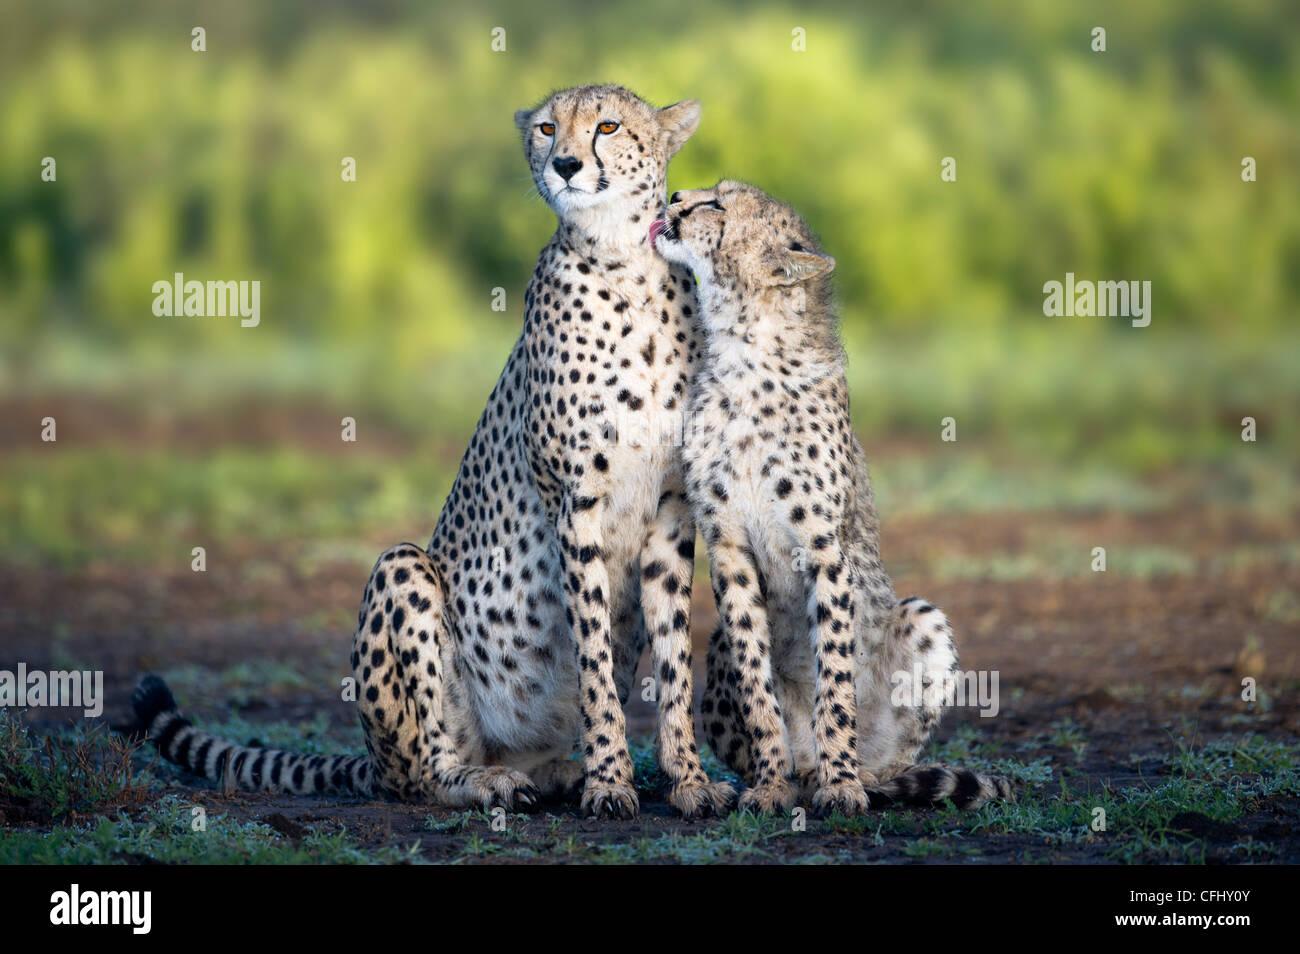 Hembras adultas con Cheetah cub Ndutu, Ngorongoro, Tanzania Imagen De Stock